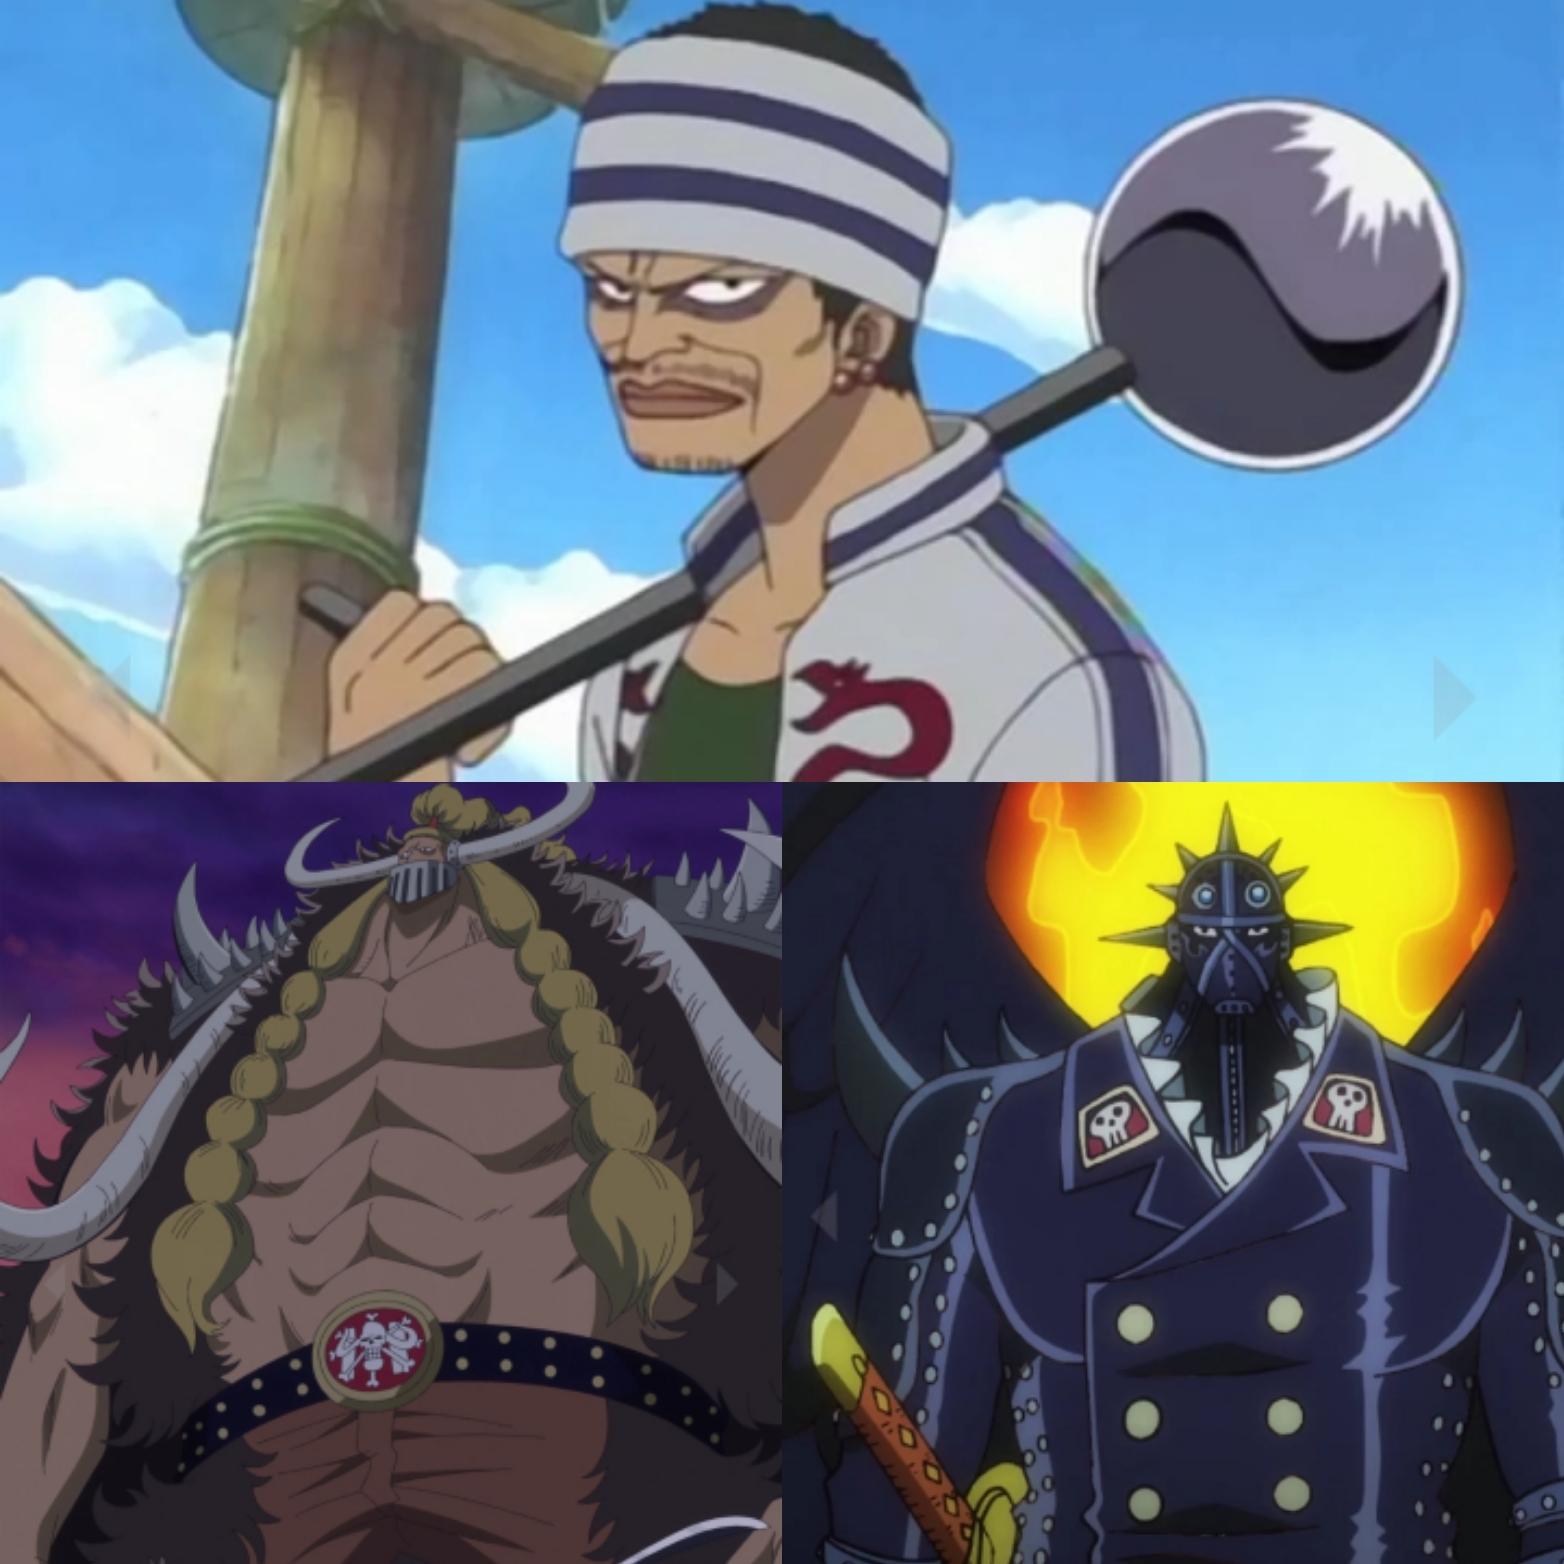 Secondo voi chi sarà il Figlio di Kaido tra loro?